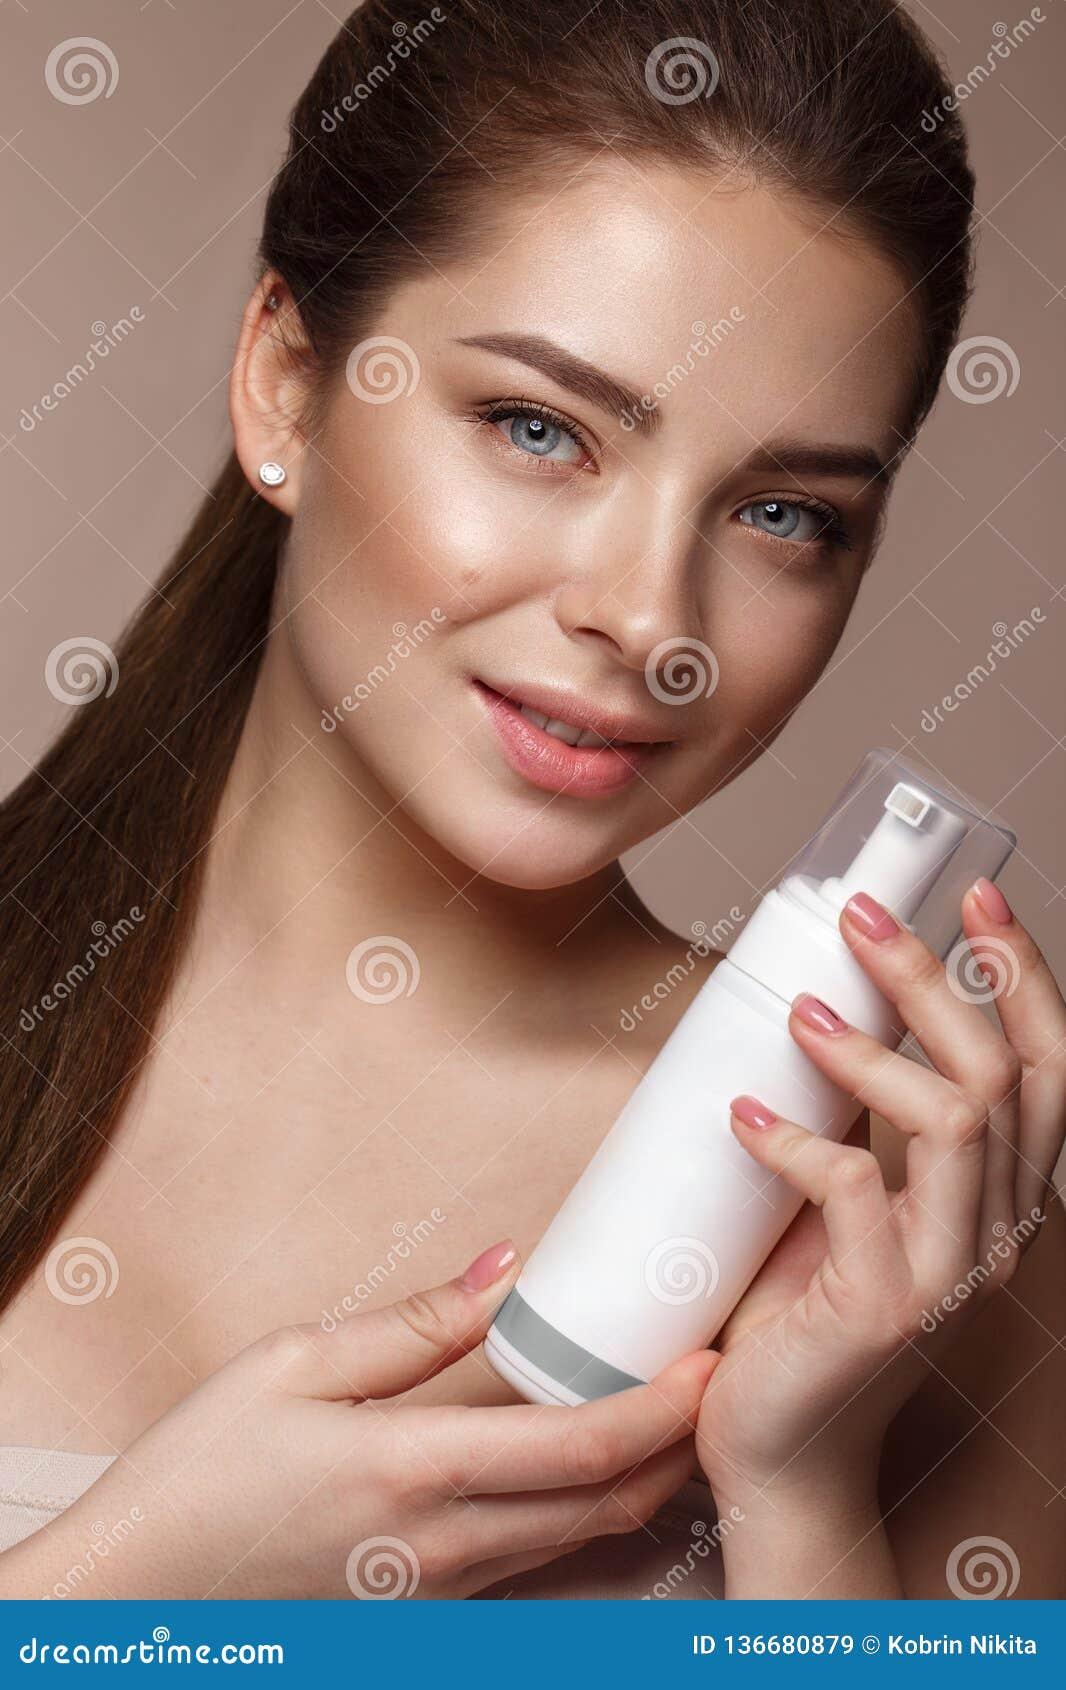 Красивая маленькая девочка с естественным обнаженным макияжем с косметикой в руках Сторона красотки